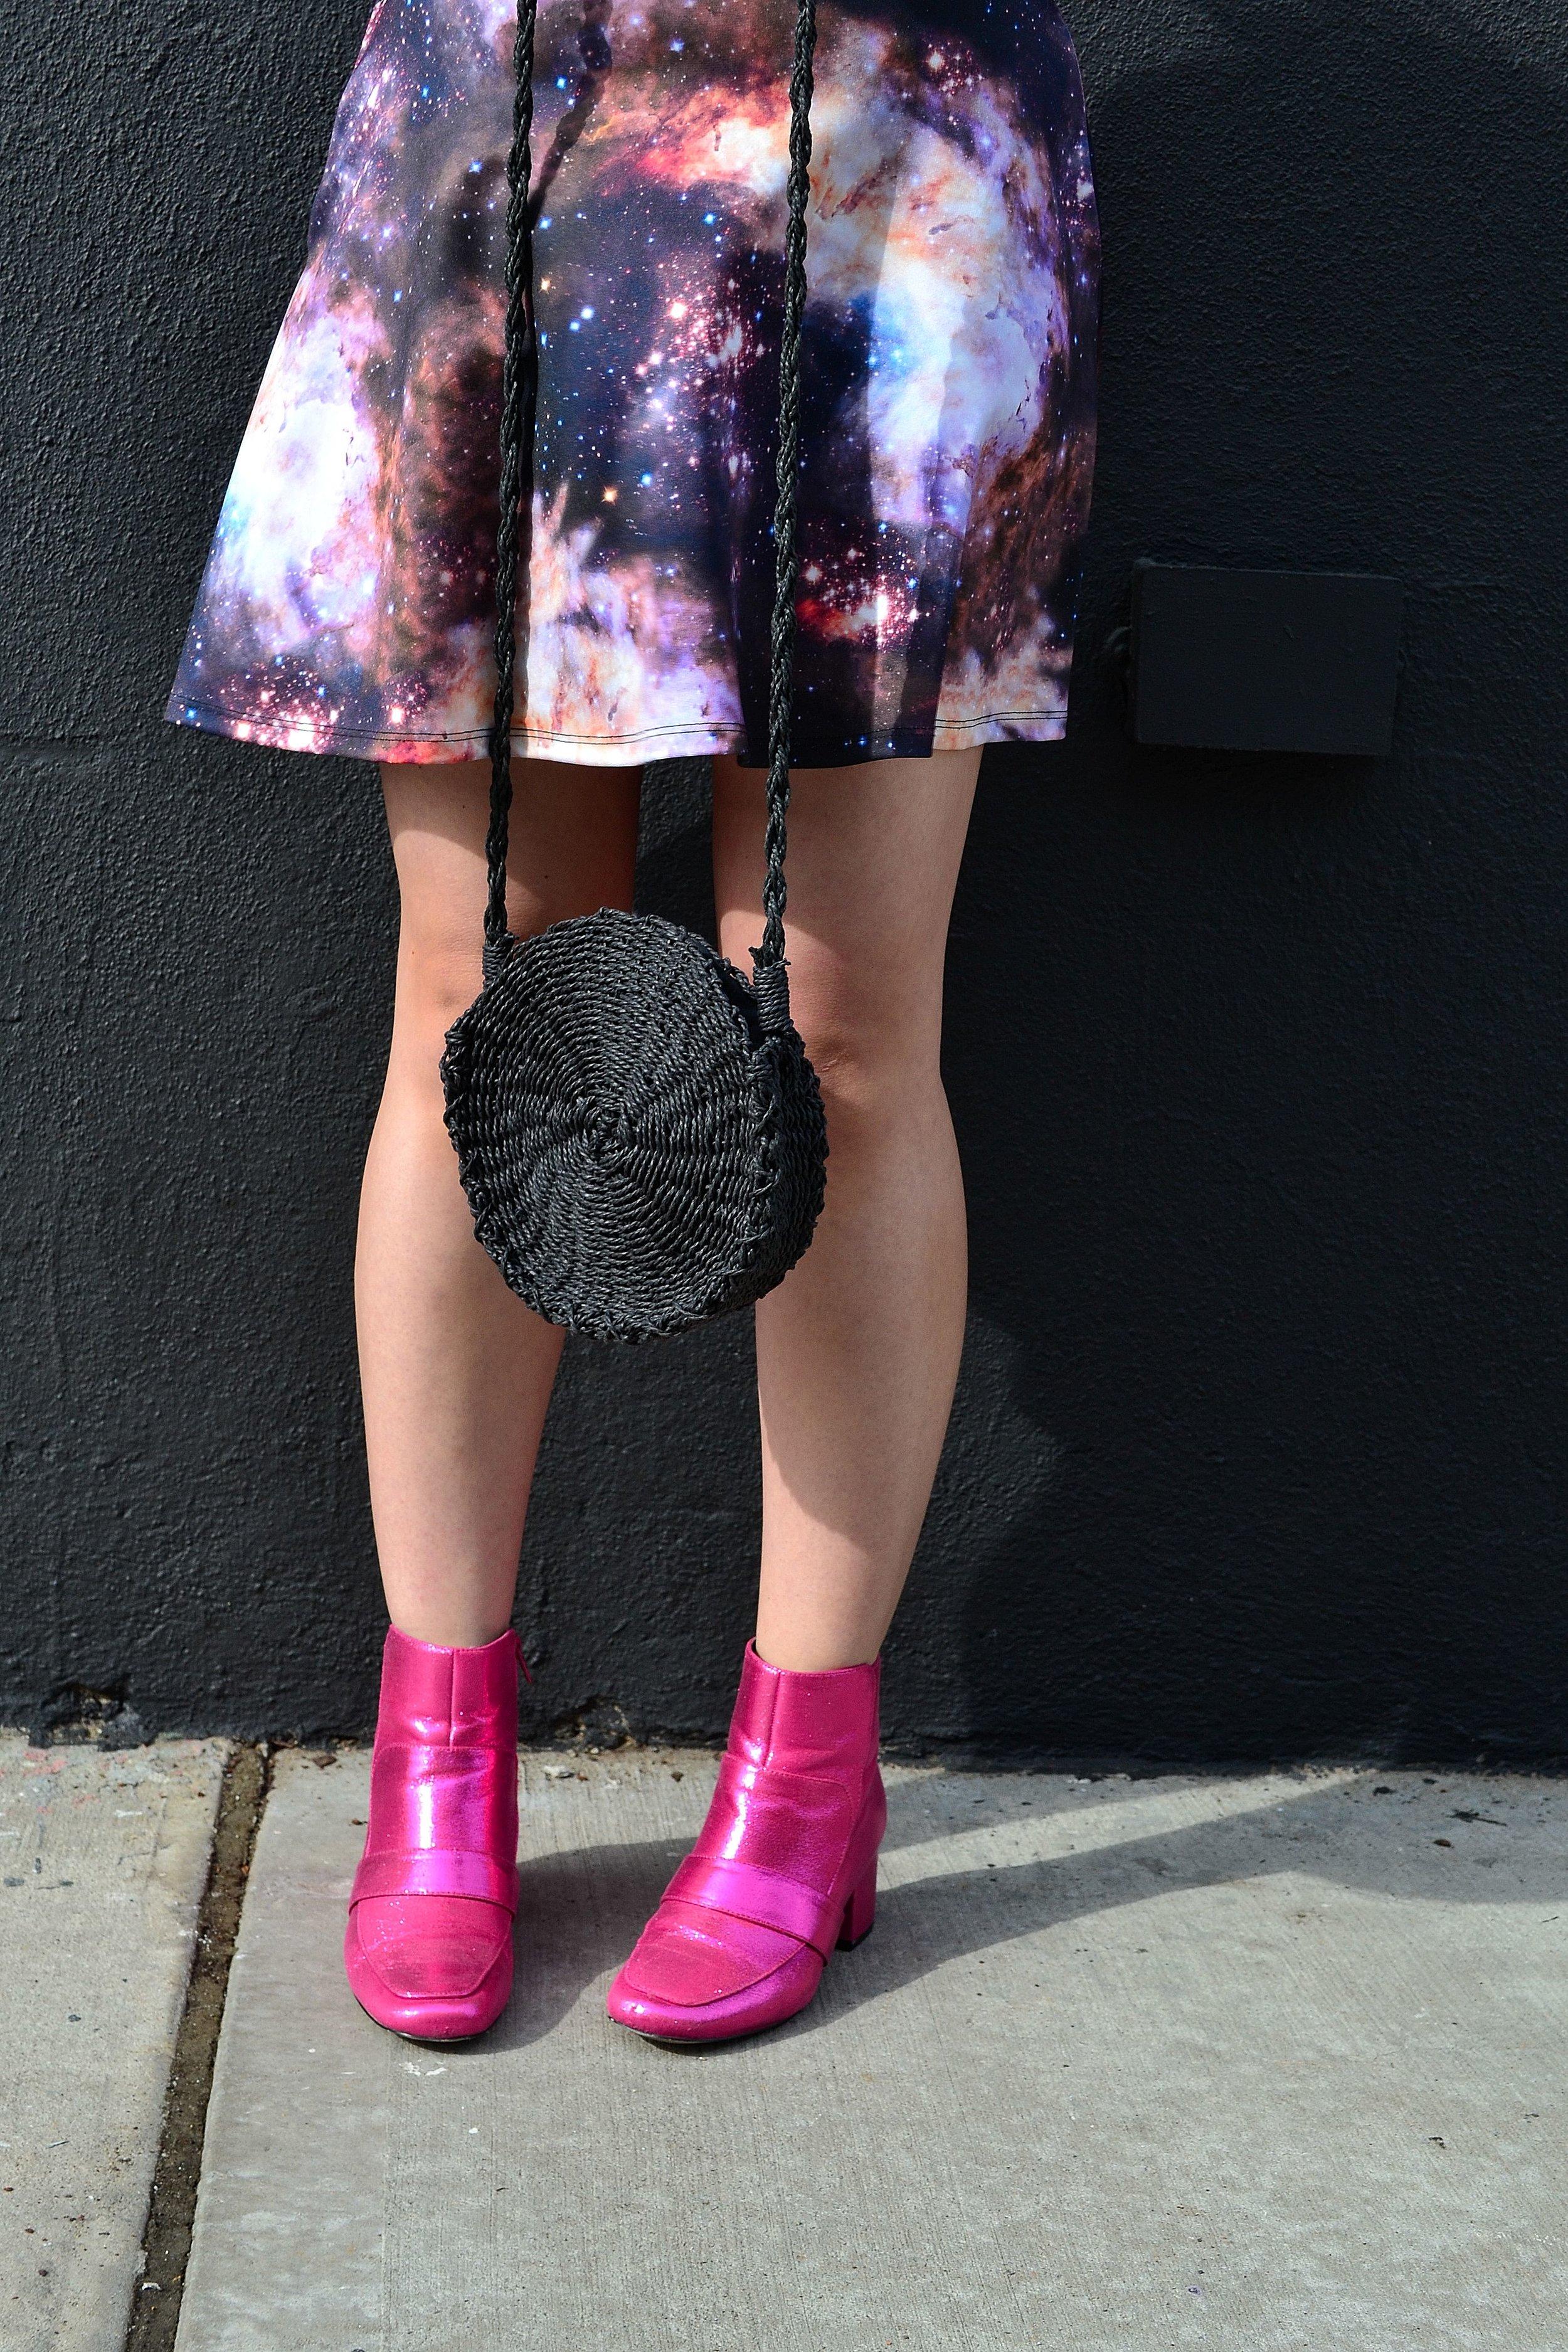 modcloth skirt asos booties UO bag1.JPG